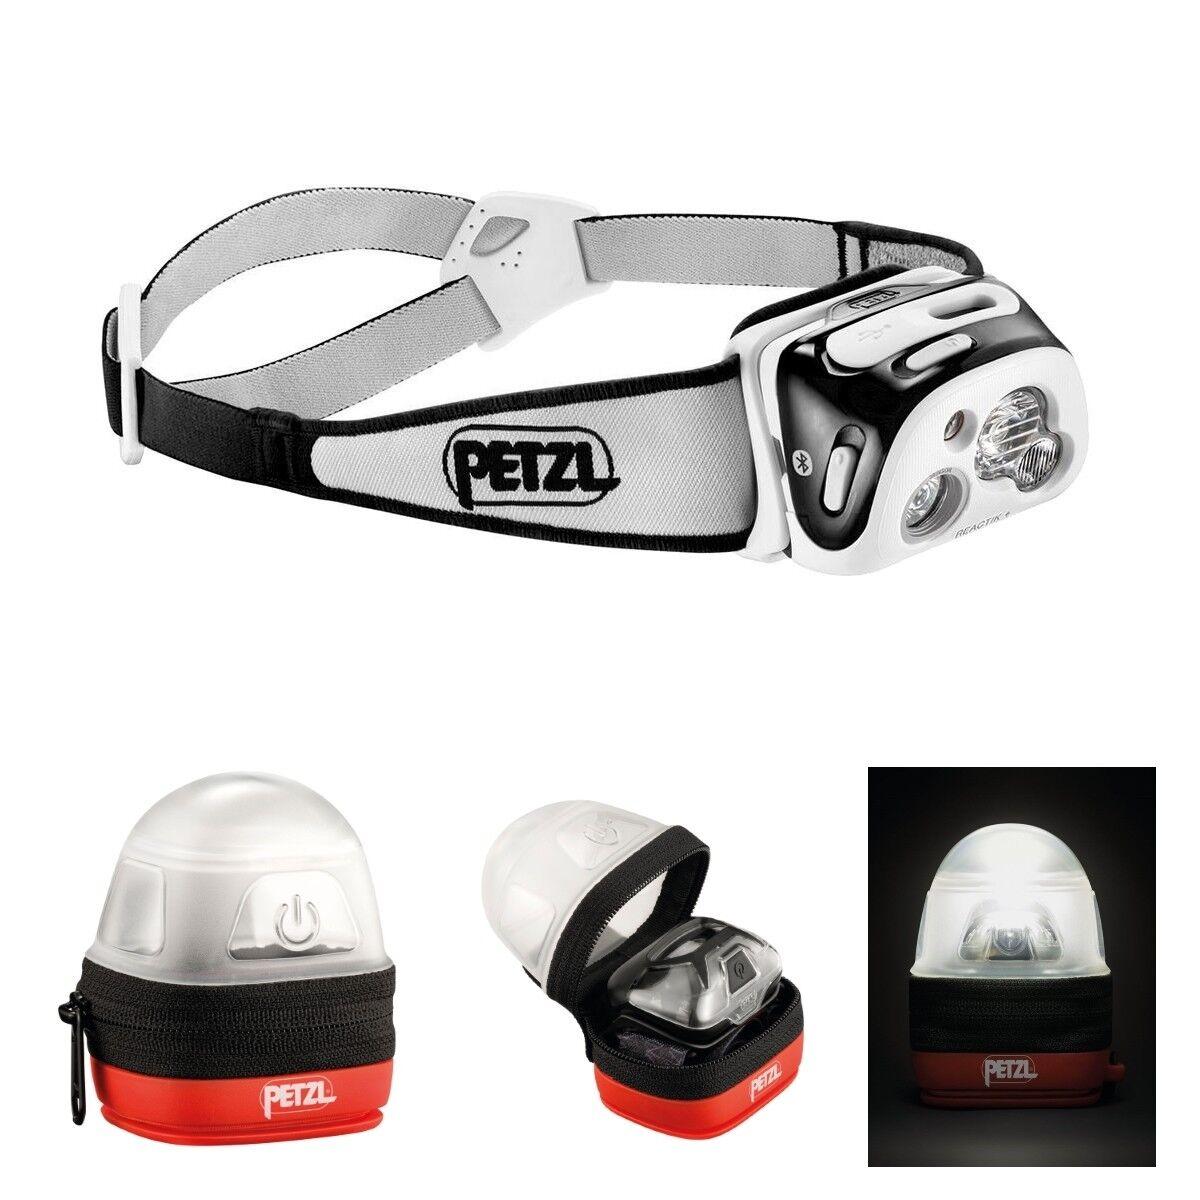 Petzl reactik + frente lámpara-negro-Max. 300 lumen incl. Petzl noctilight estuche